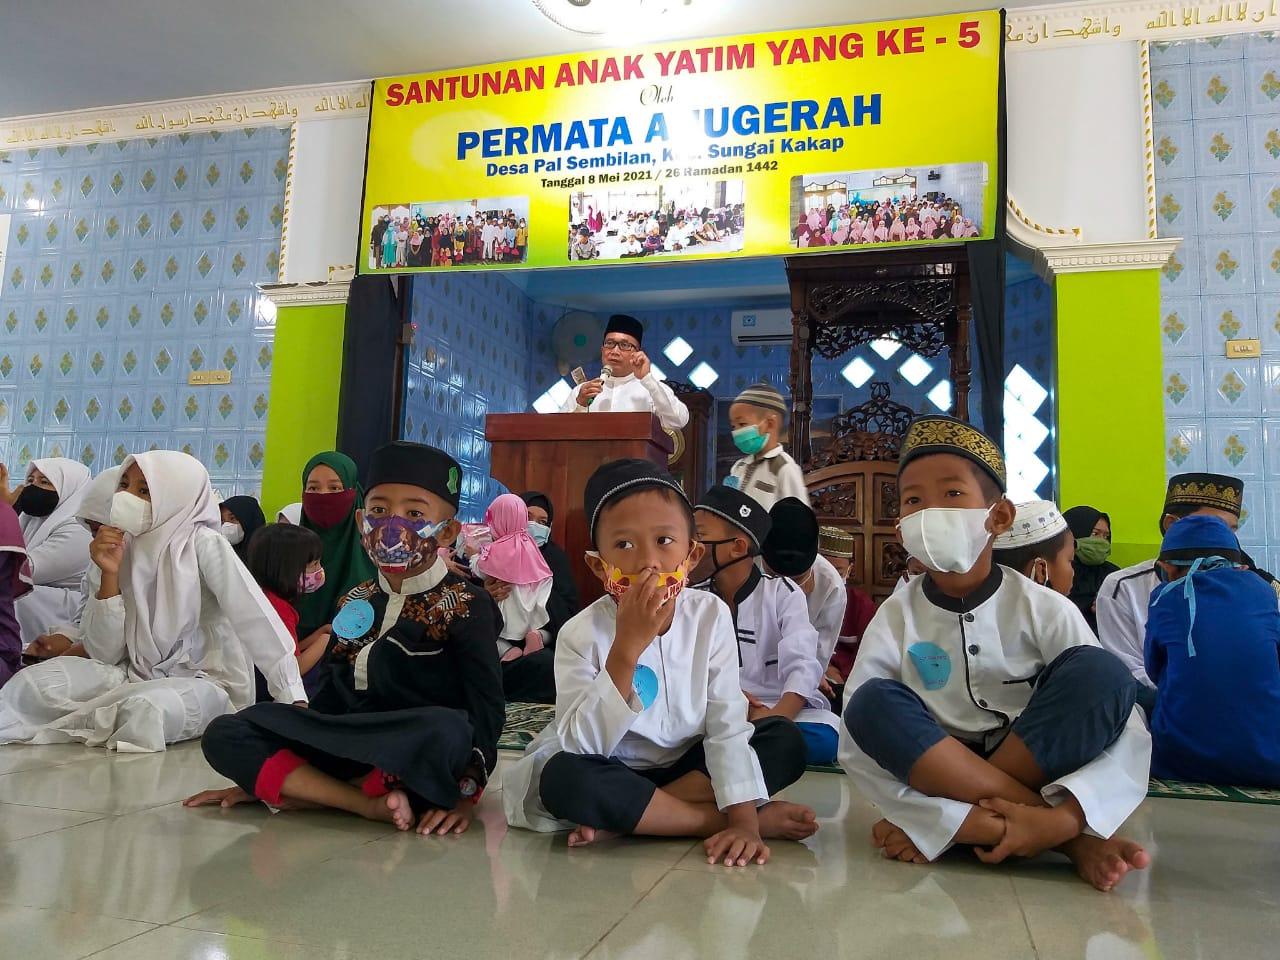 Himpun Dana Ratusan Juta untuk Santuni Anak Yatim, Wabup Sujiwo Apresiasi Permata Anugerah